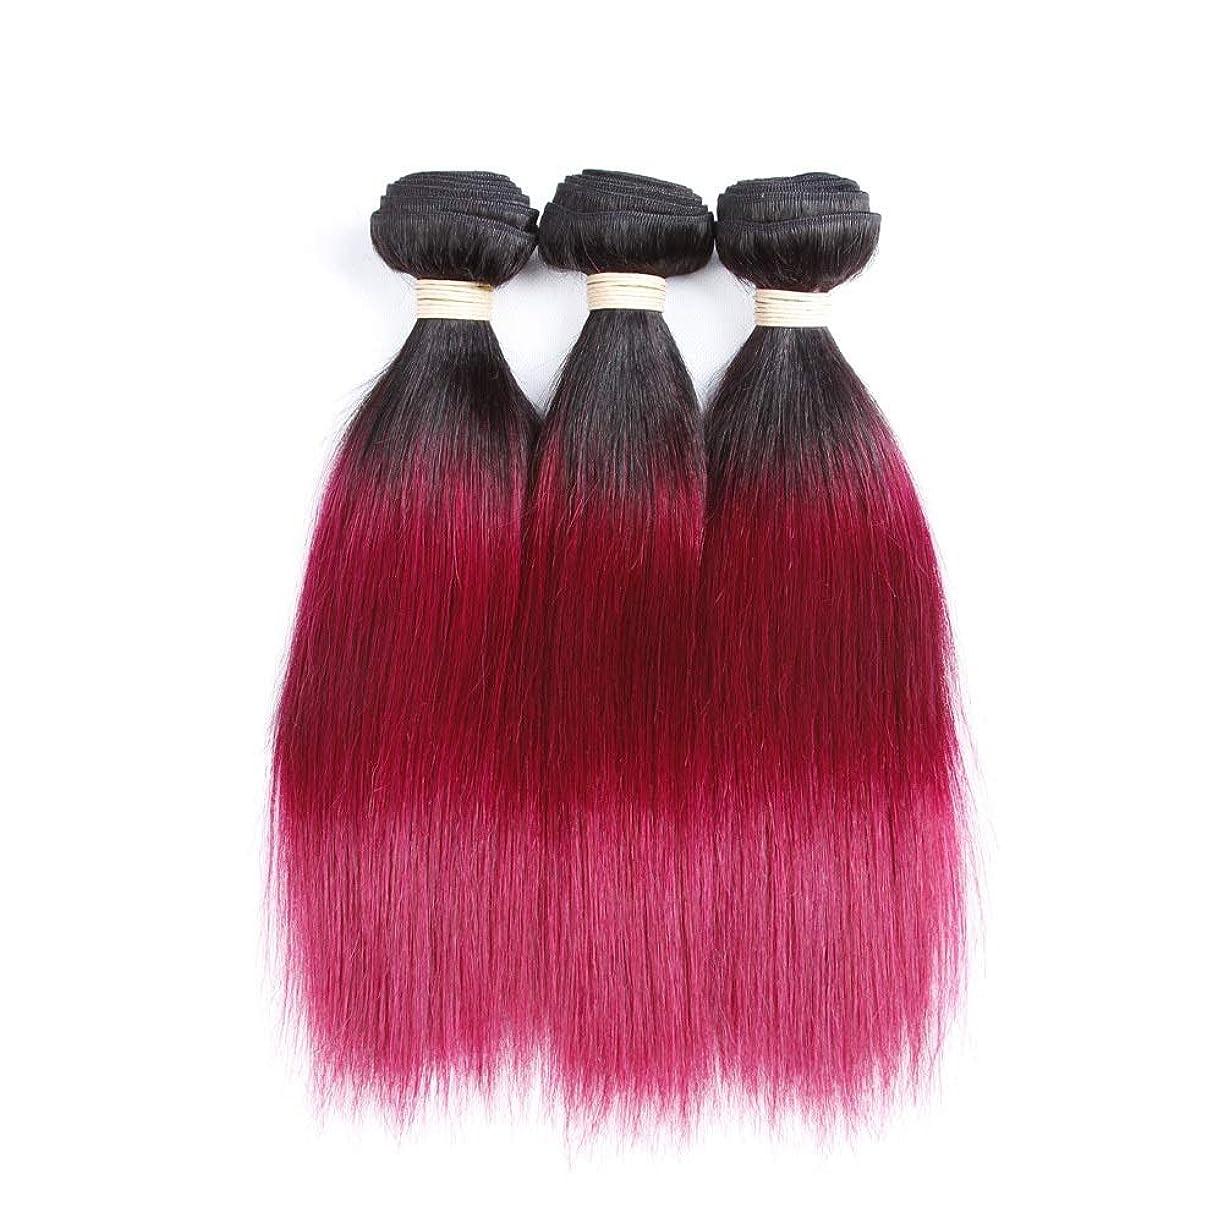 徹底的にラジウム影響を受けやすいですYrattary ワインレッドカラーストレートヘアバンドルブラジル未処理人毛エクステンション - #T1B / 118 2トーンカラー(1バンドル、100g) (色 : ワインレッド, サイズ : 24 inch)